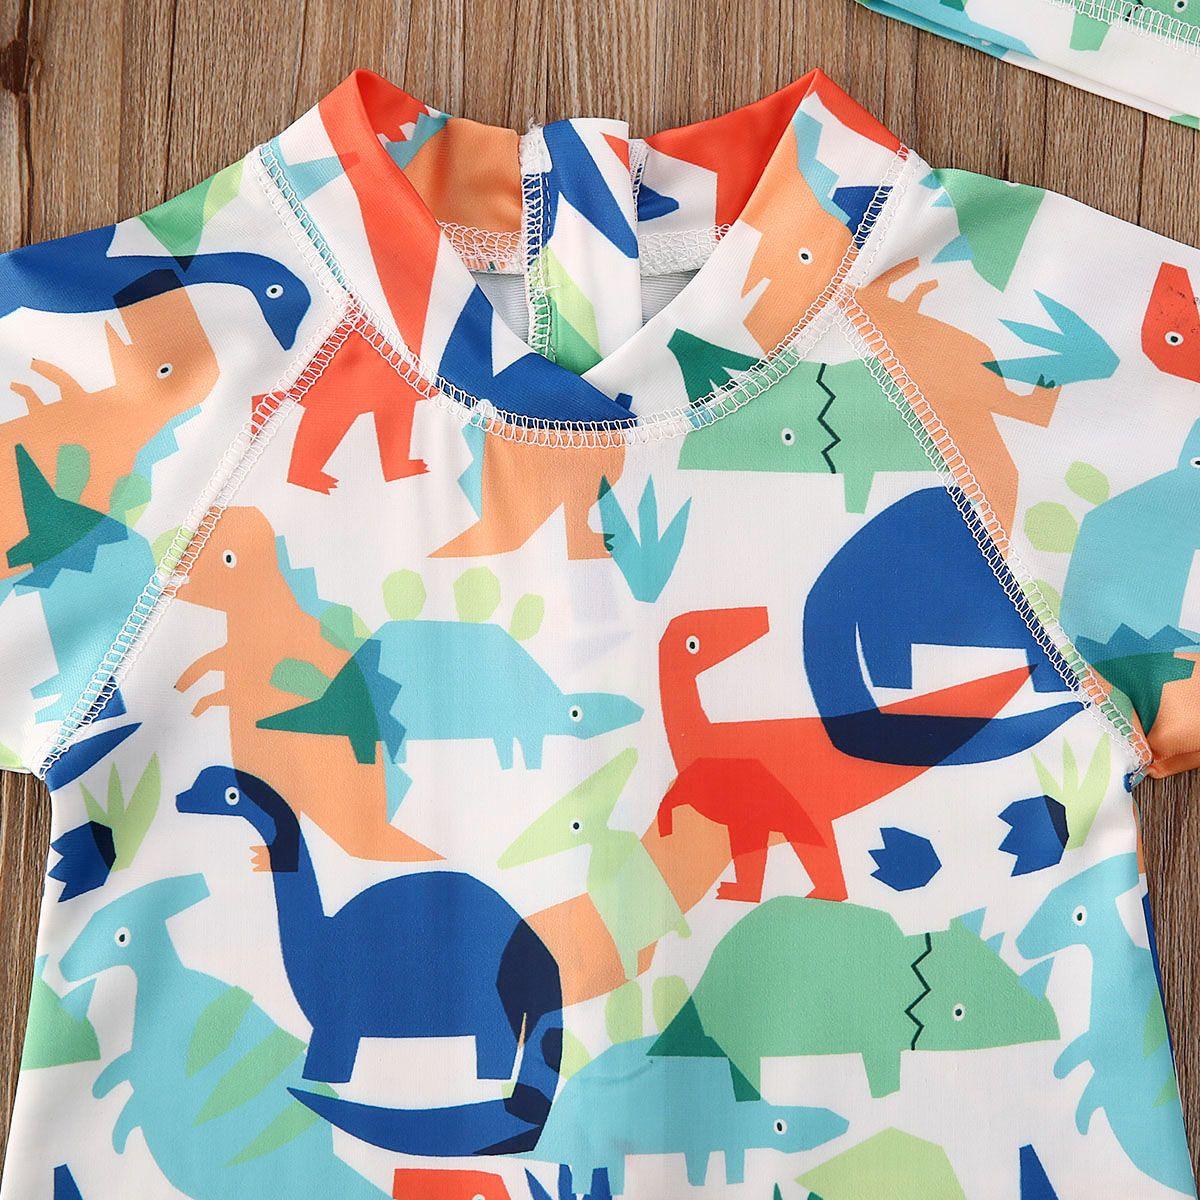 British Fashion tout-petits garçons bébé enfants Cartoon maillot de bain protection solaire UV Safe Costume Hat Piscine Mignon Tenues bébé 1-5Y